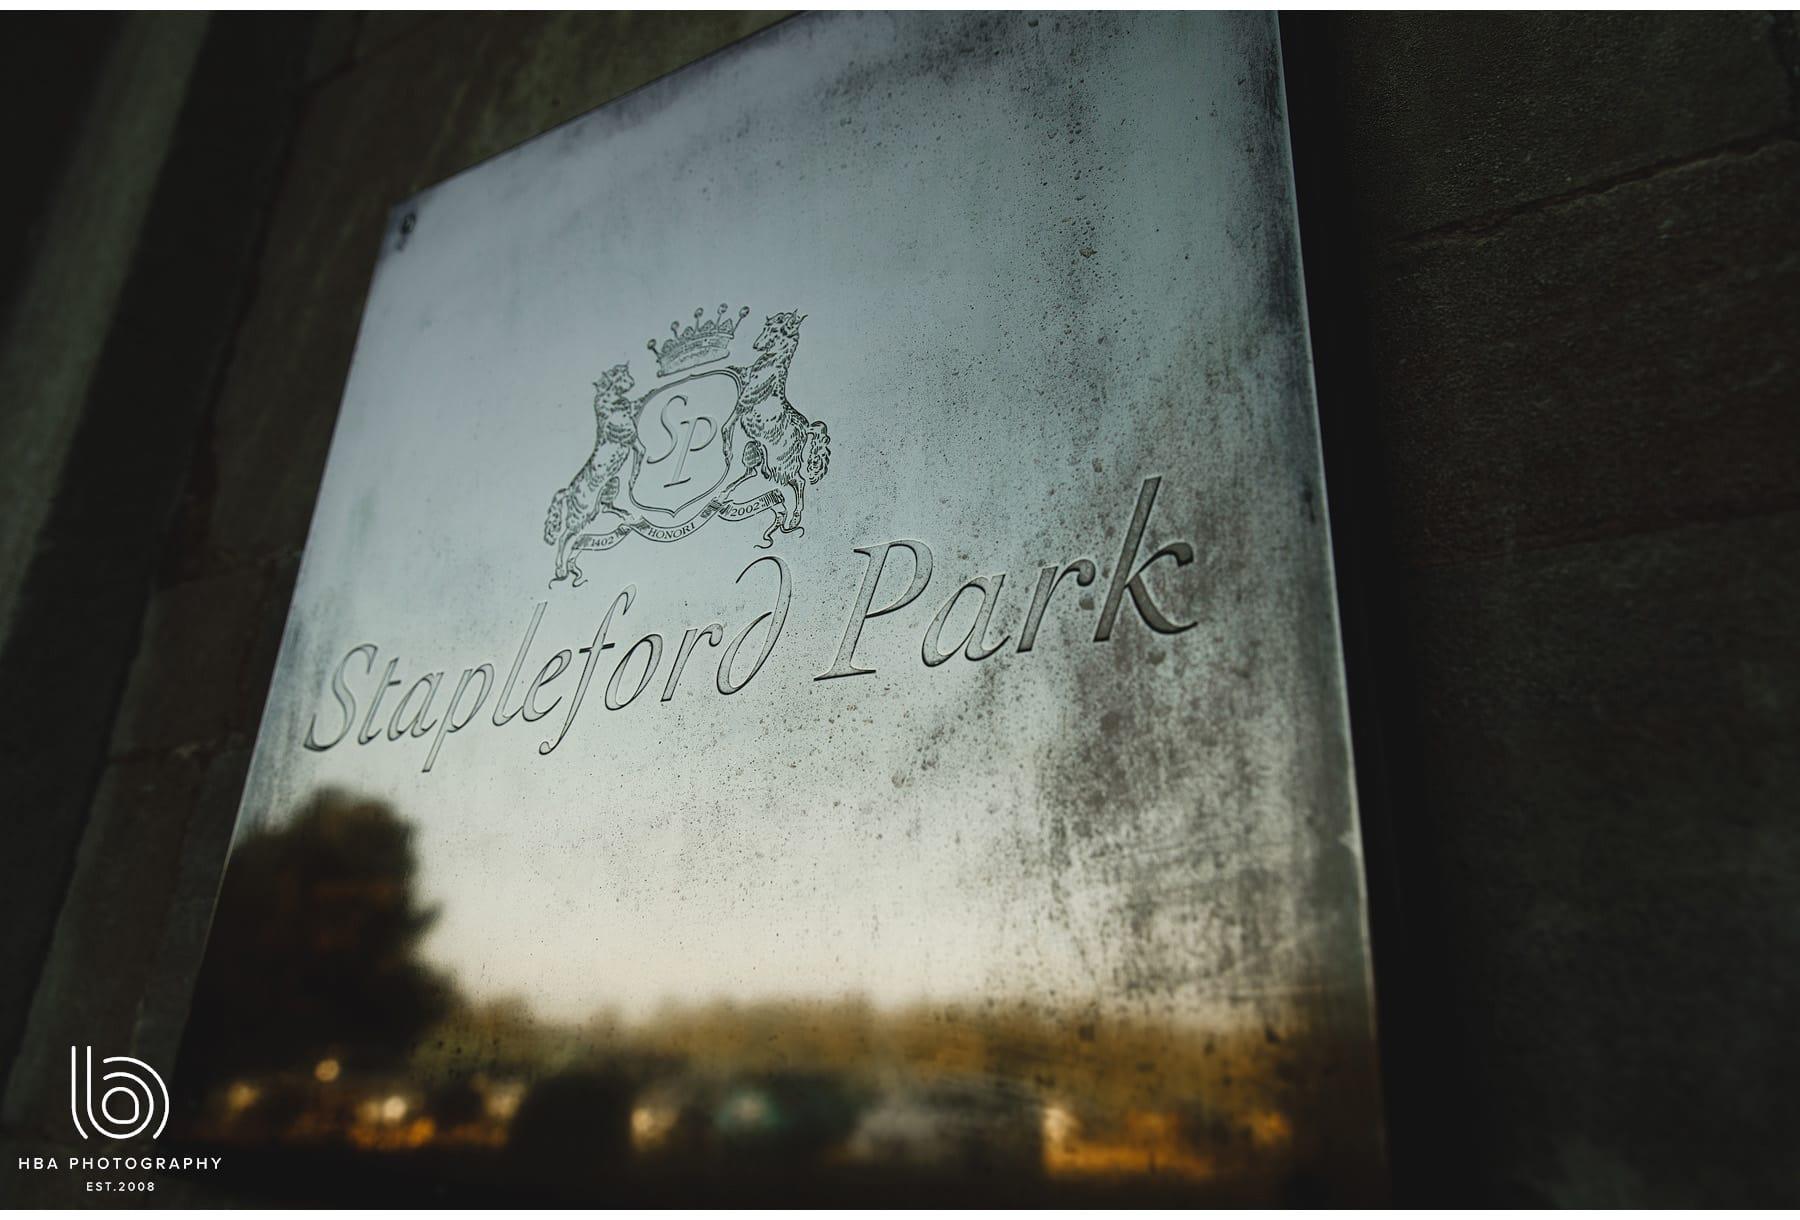 Stapleford Park sign